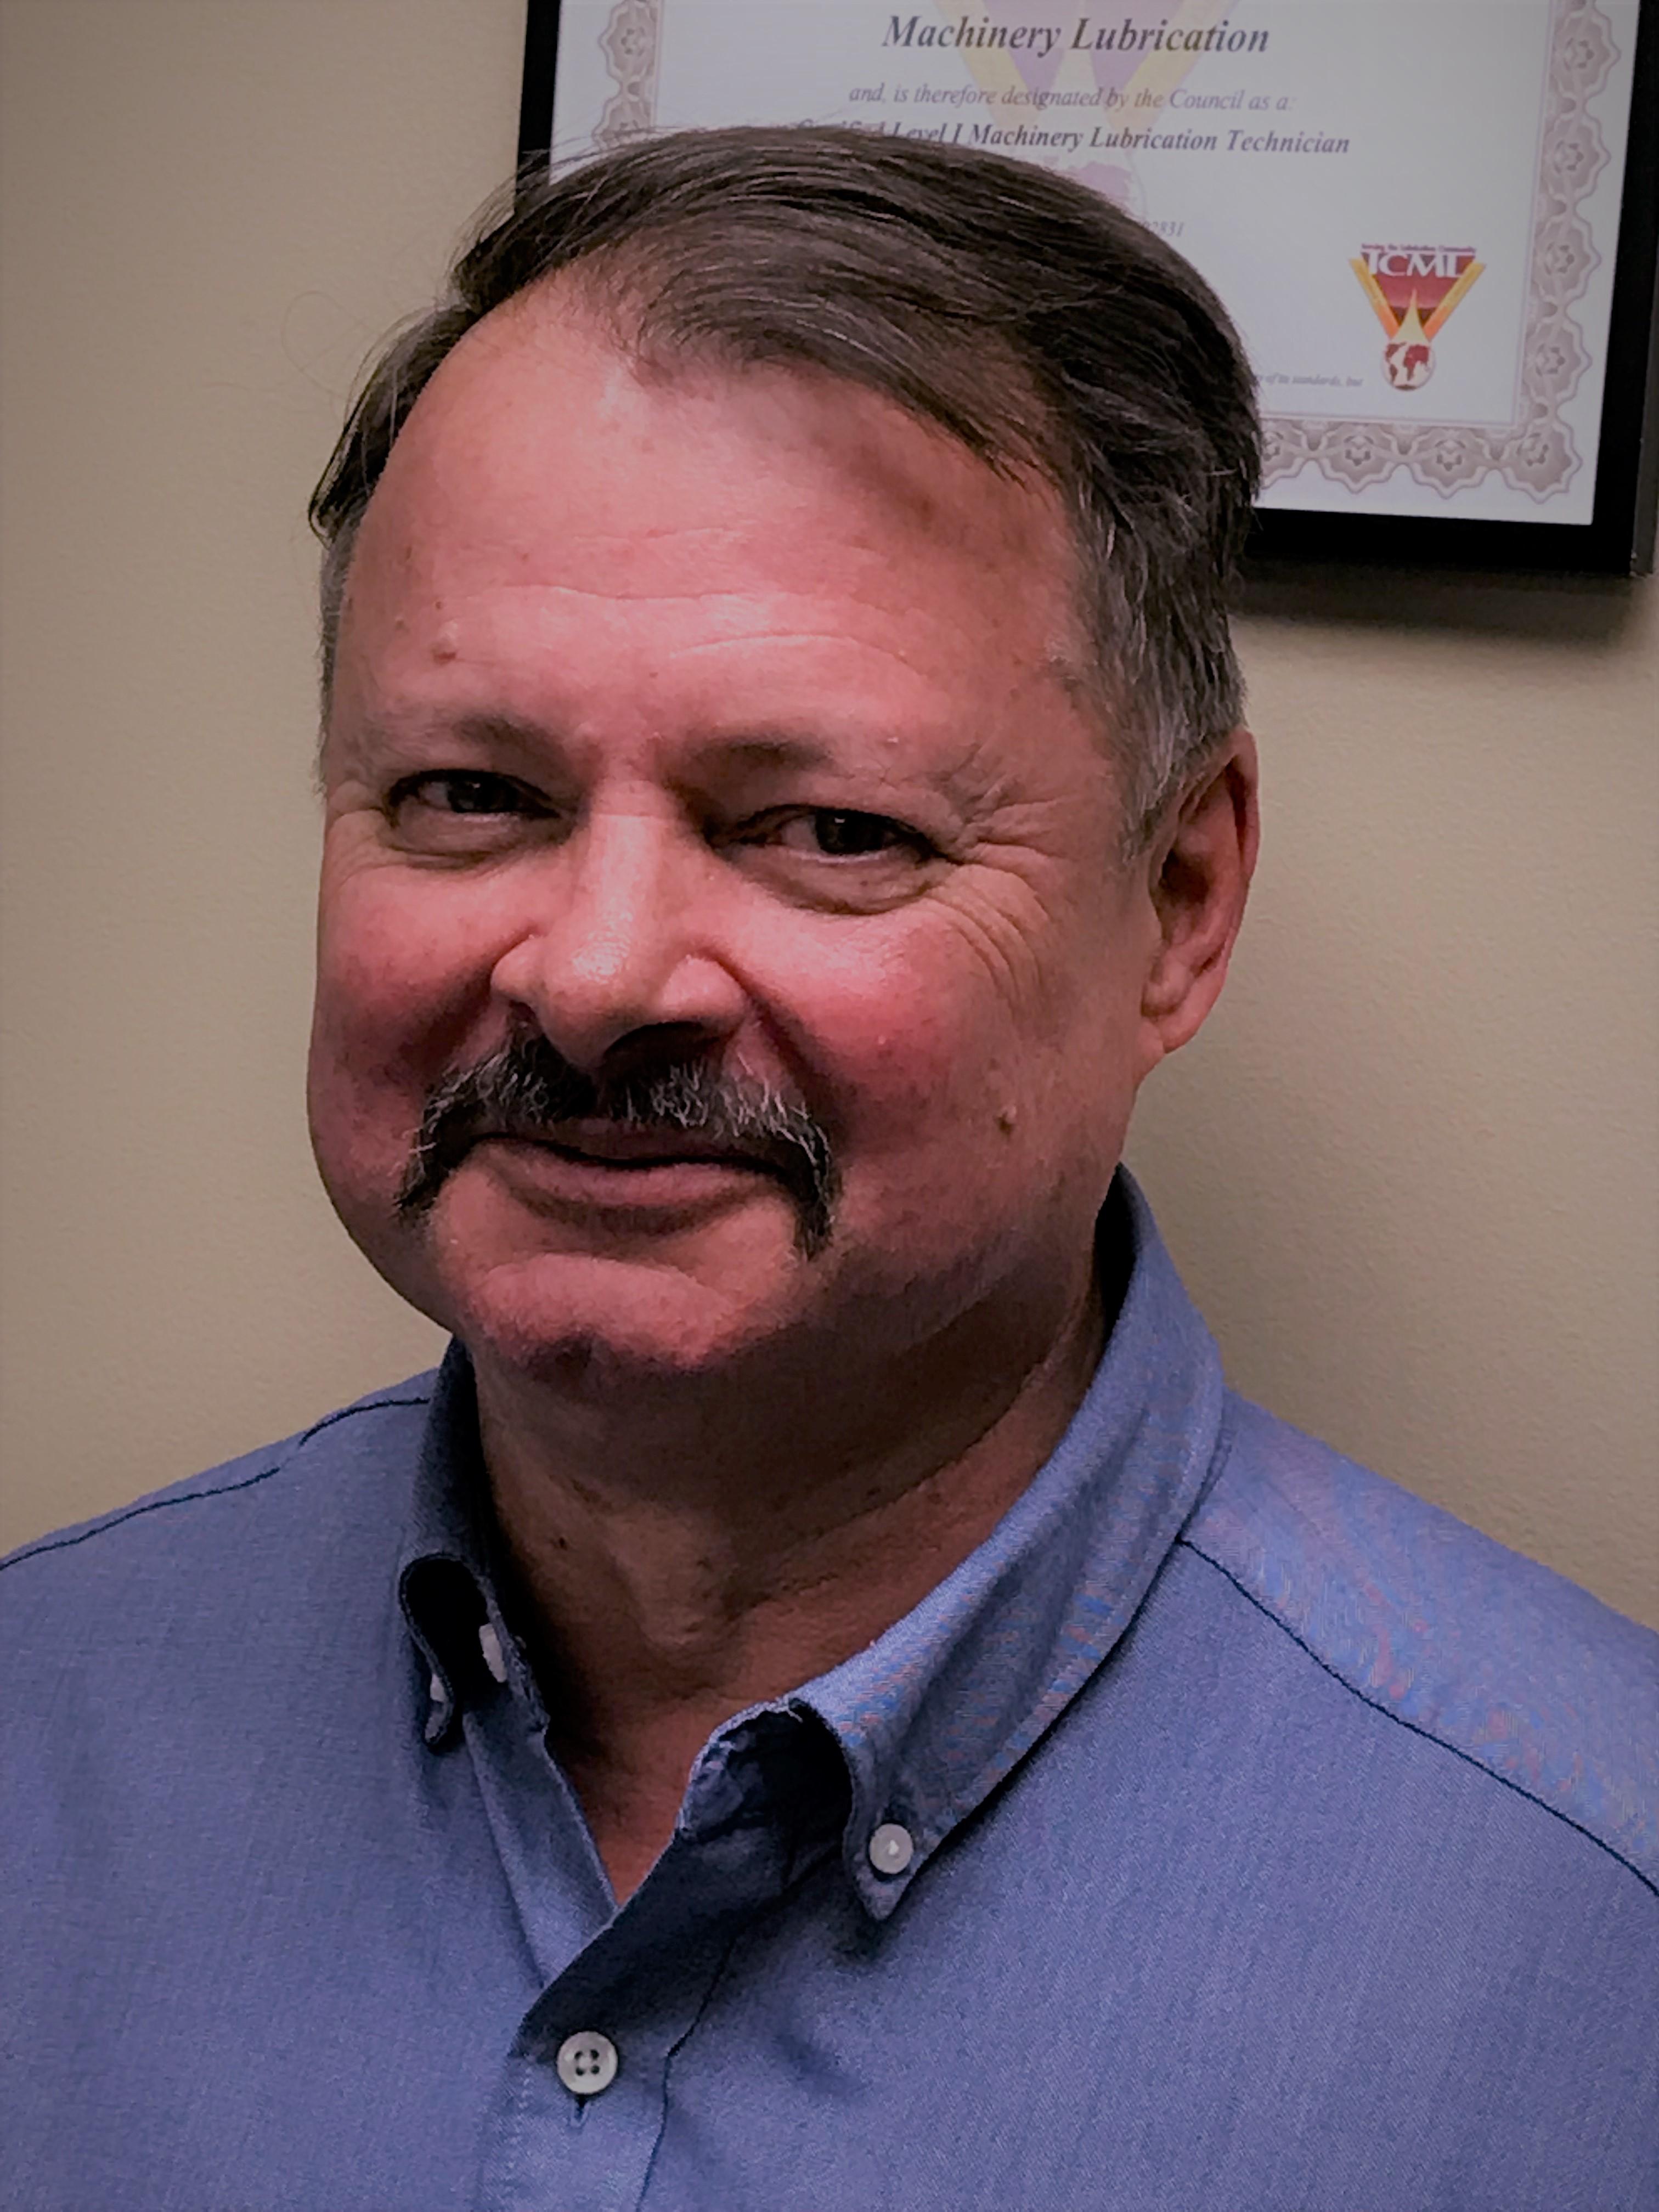 John Sawchek